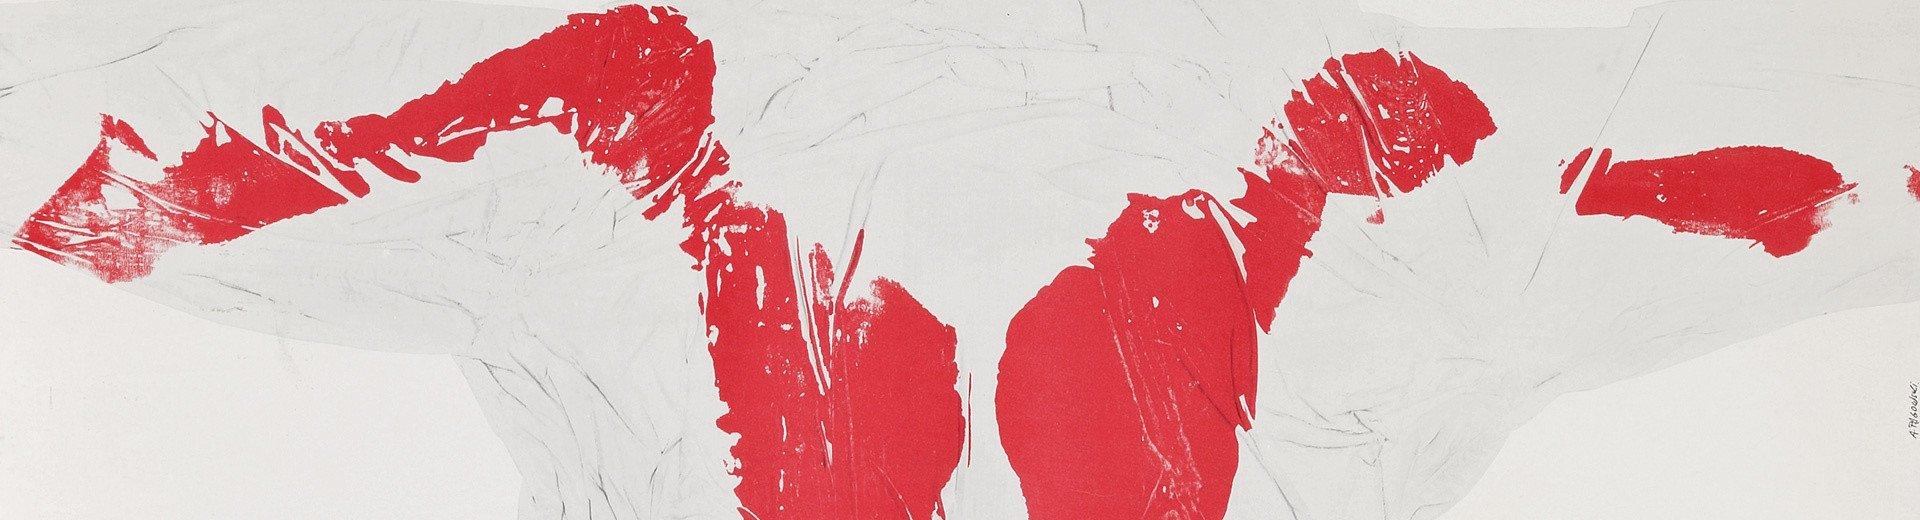 """Okładka artykułu """"Dzisiejsi młodzi projektanci nie patrzą na Polskę, patrzą na świat"""" — Rozmowa z Andrzejem Pągowskim"""